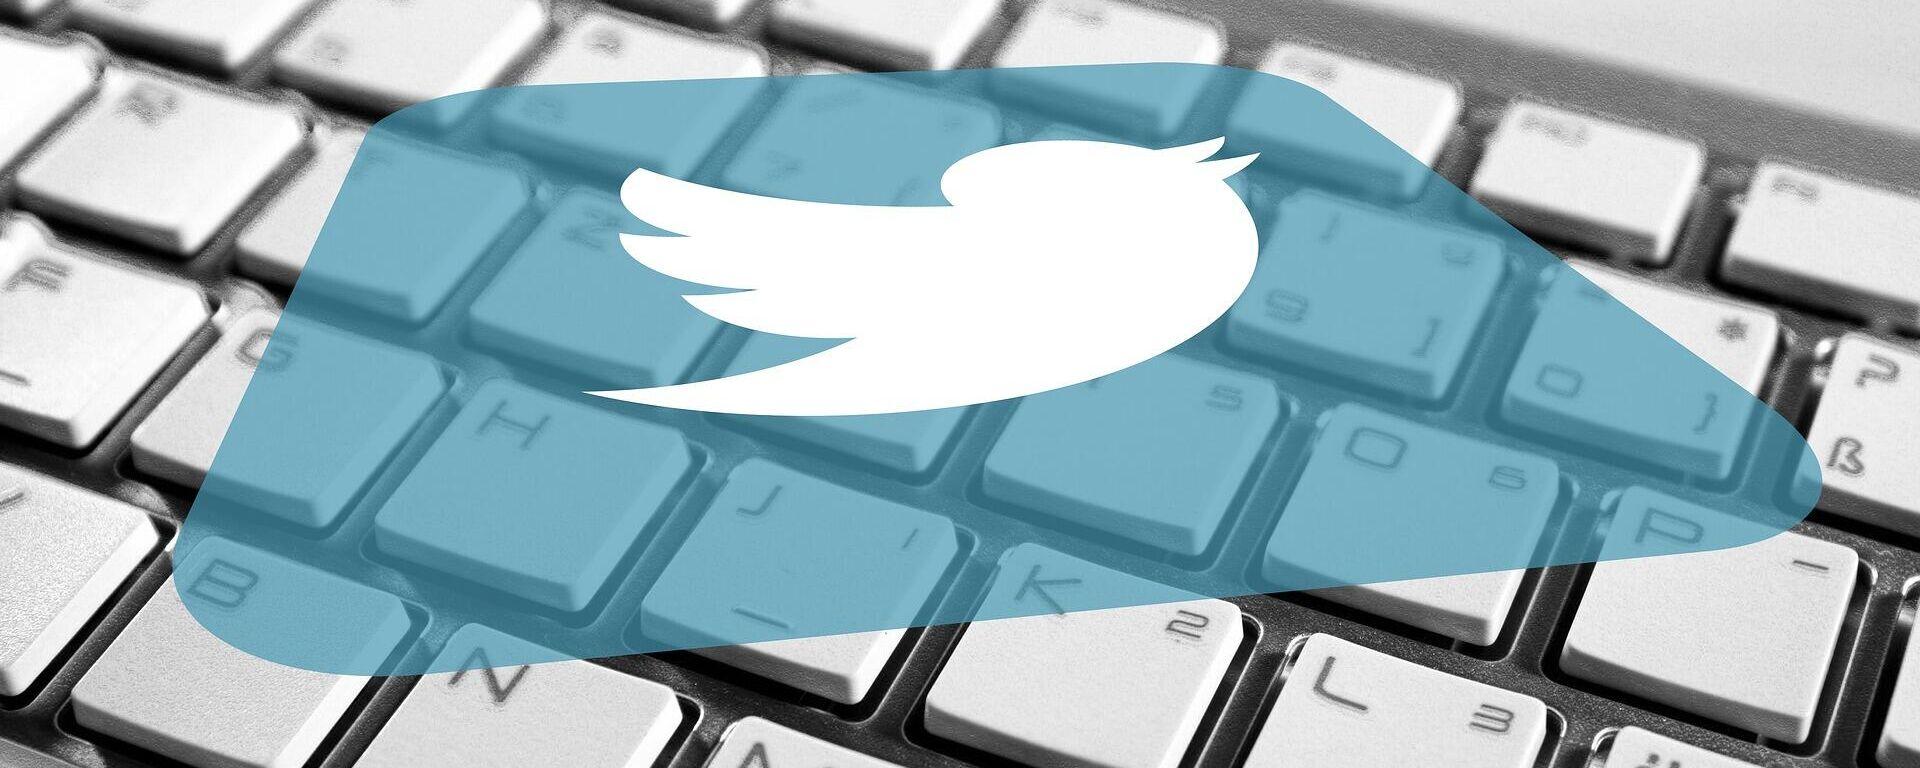 El logo de Twitter sobre un teclado - Sputnik Mundo, 1920, 18.03.2021